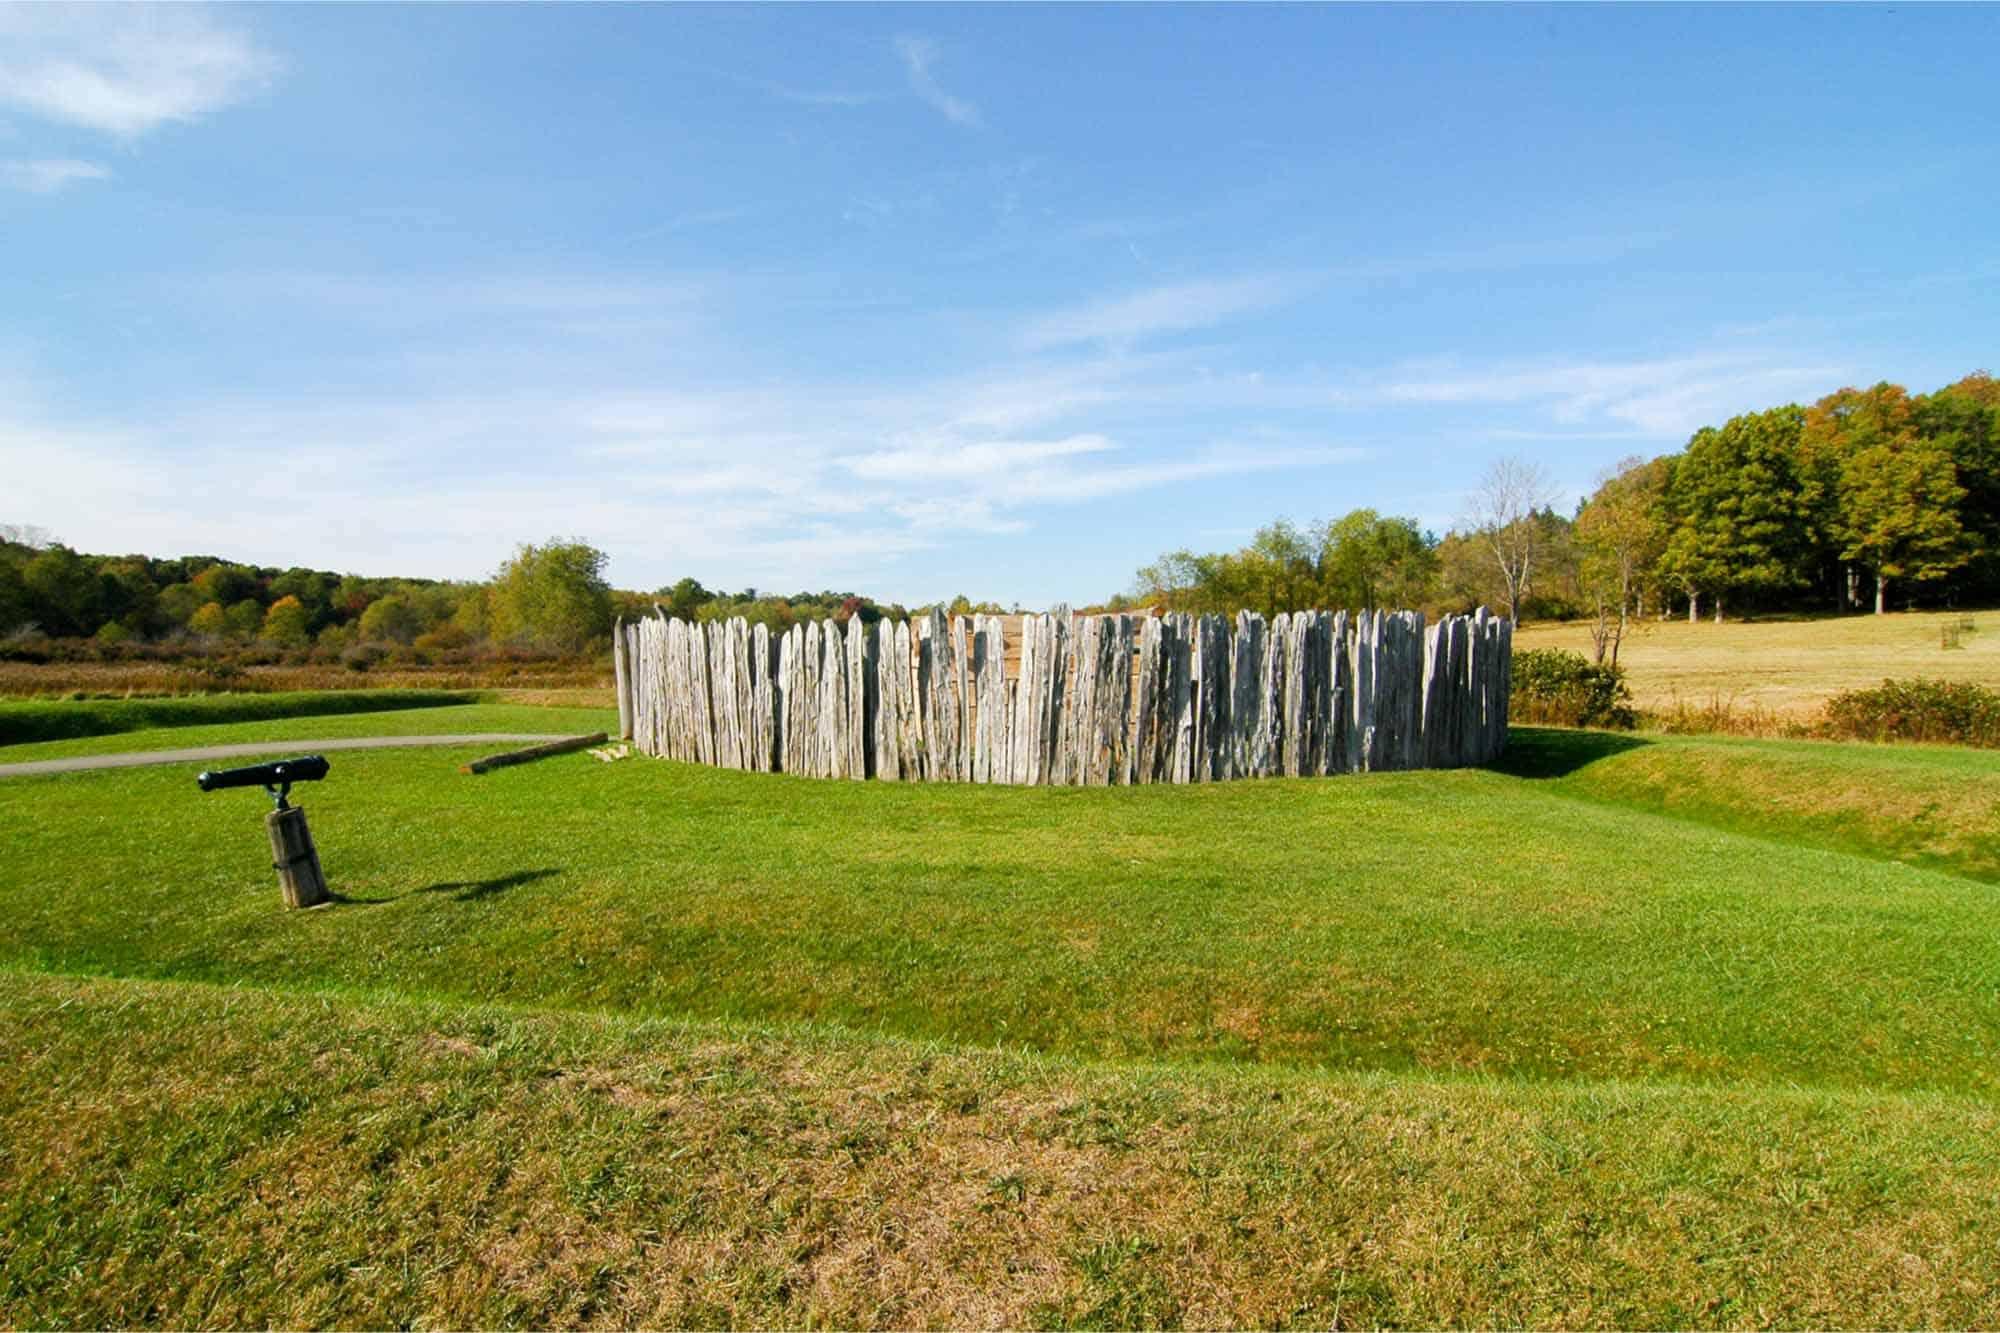 Wood fort in green field